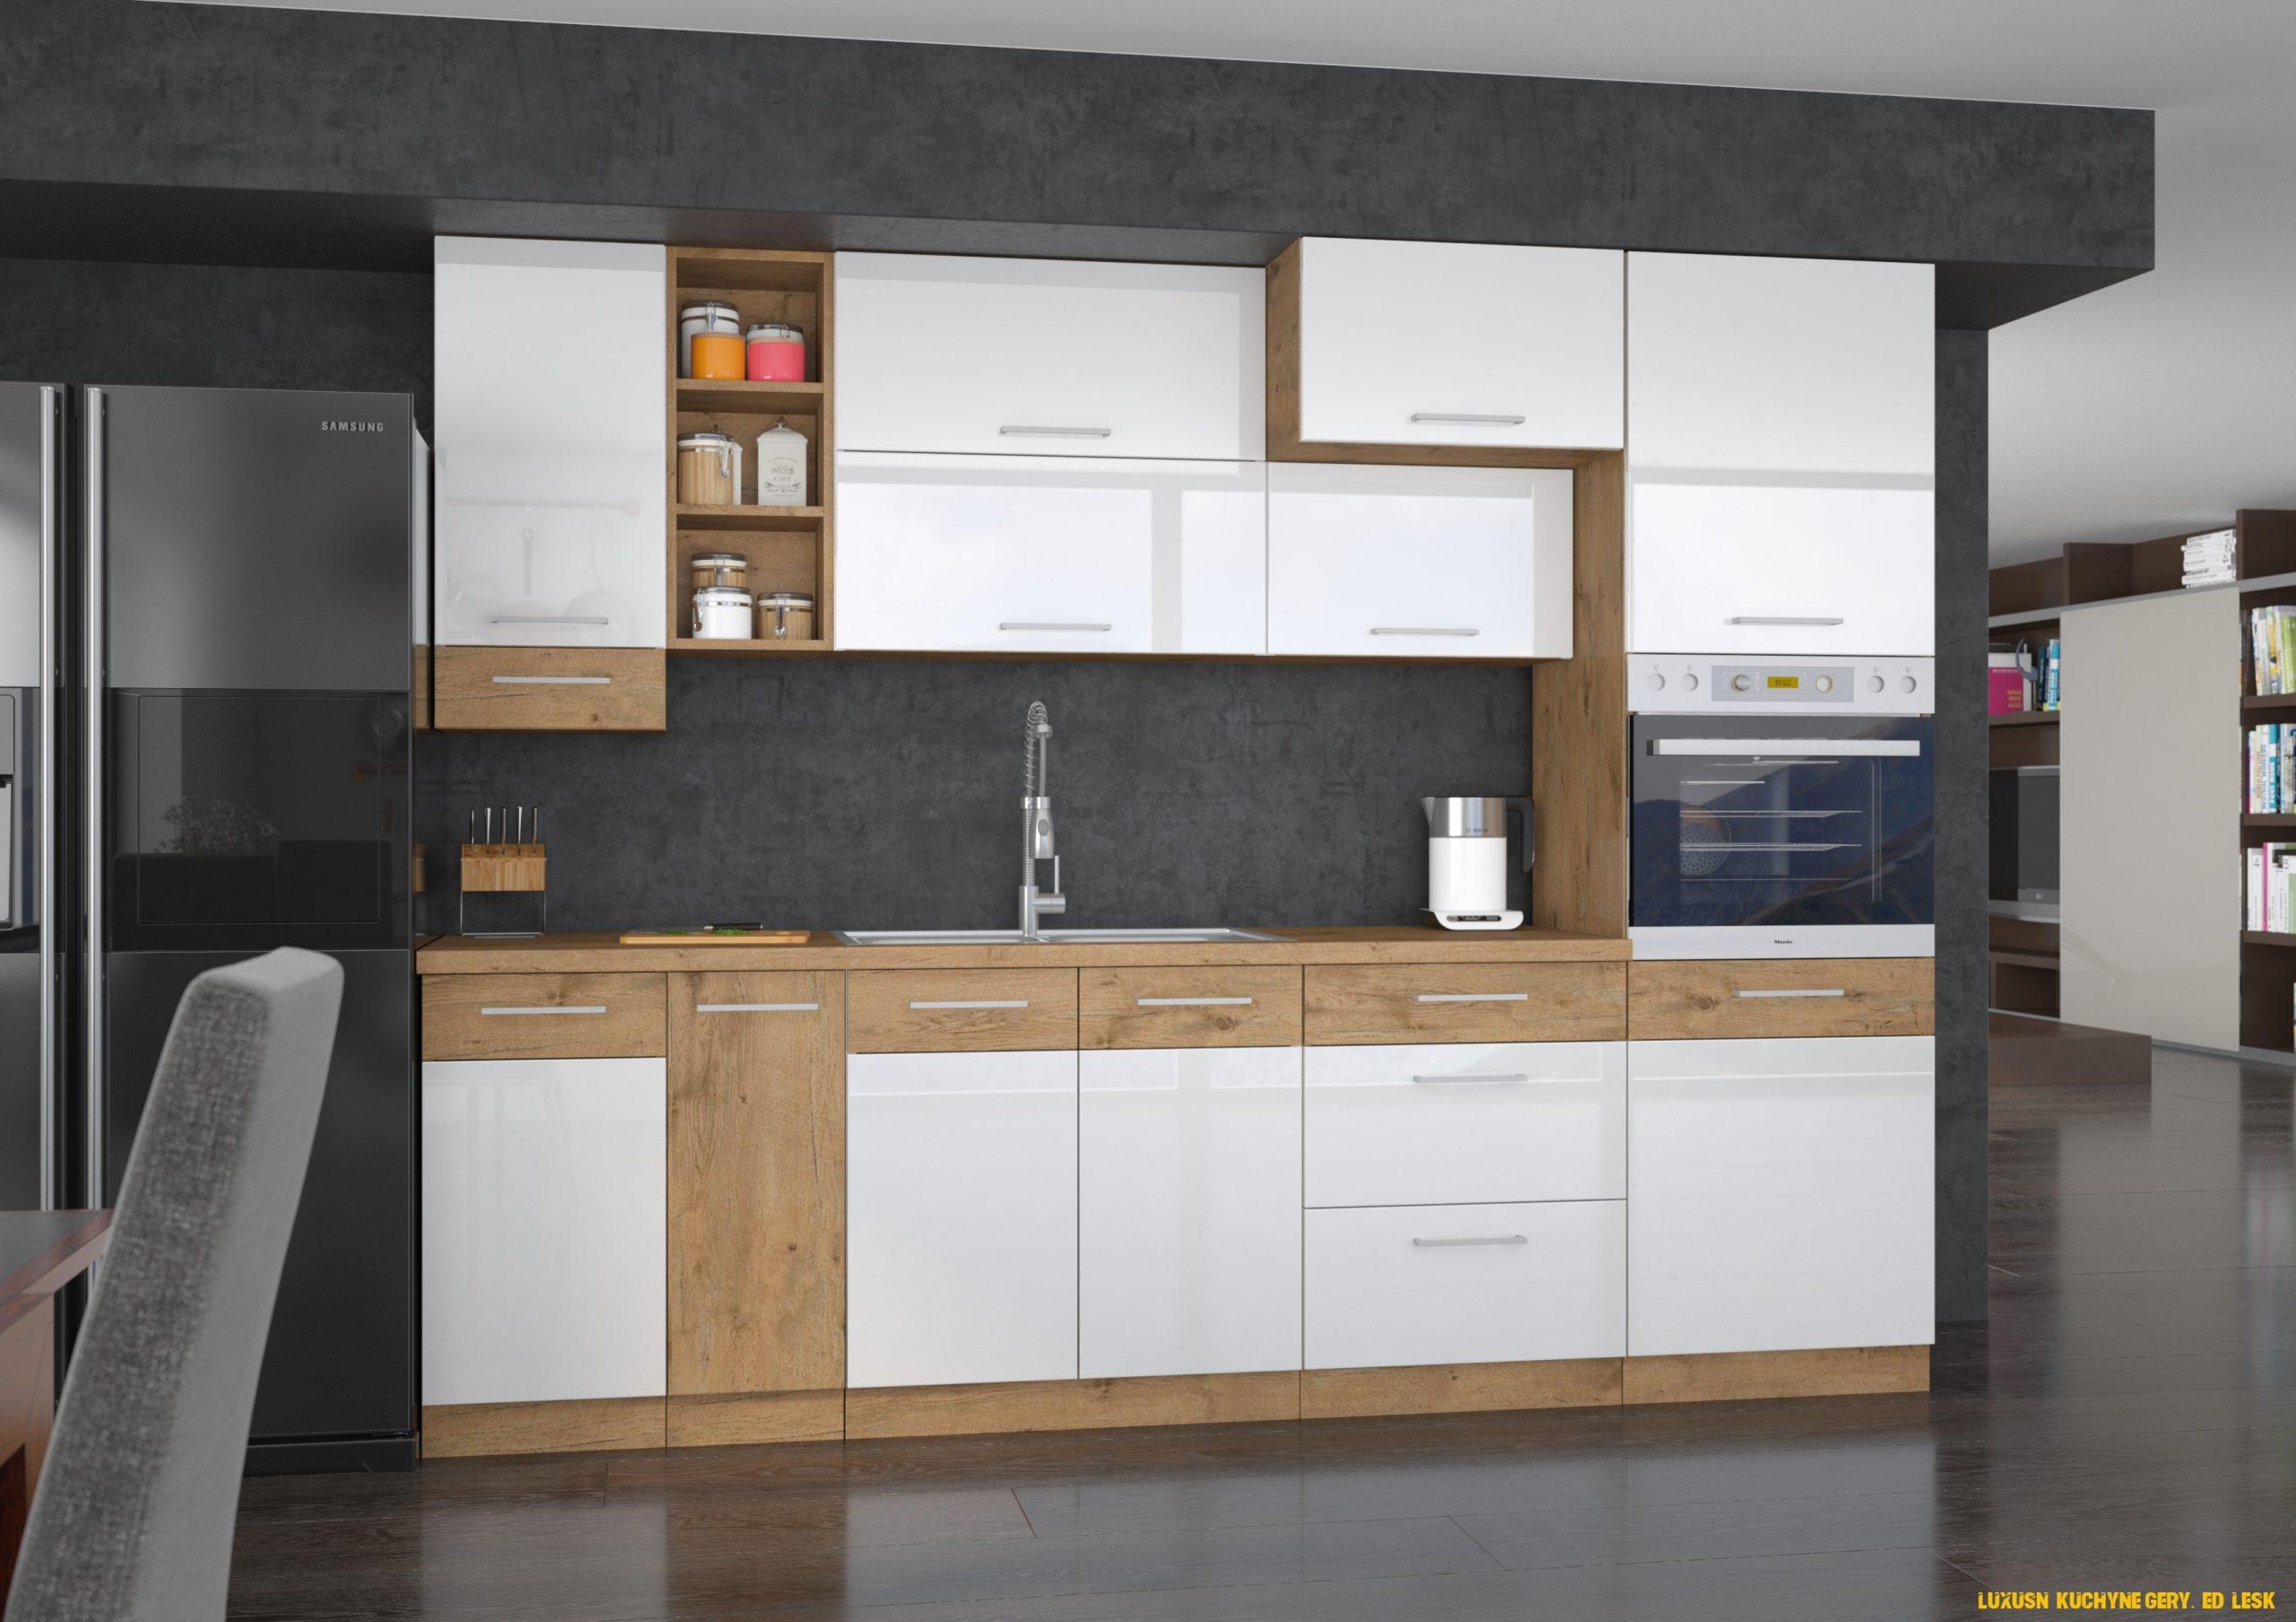 Luxusní kuchyně Gery, šedý lesk